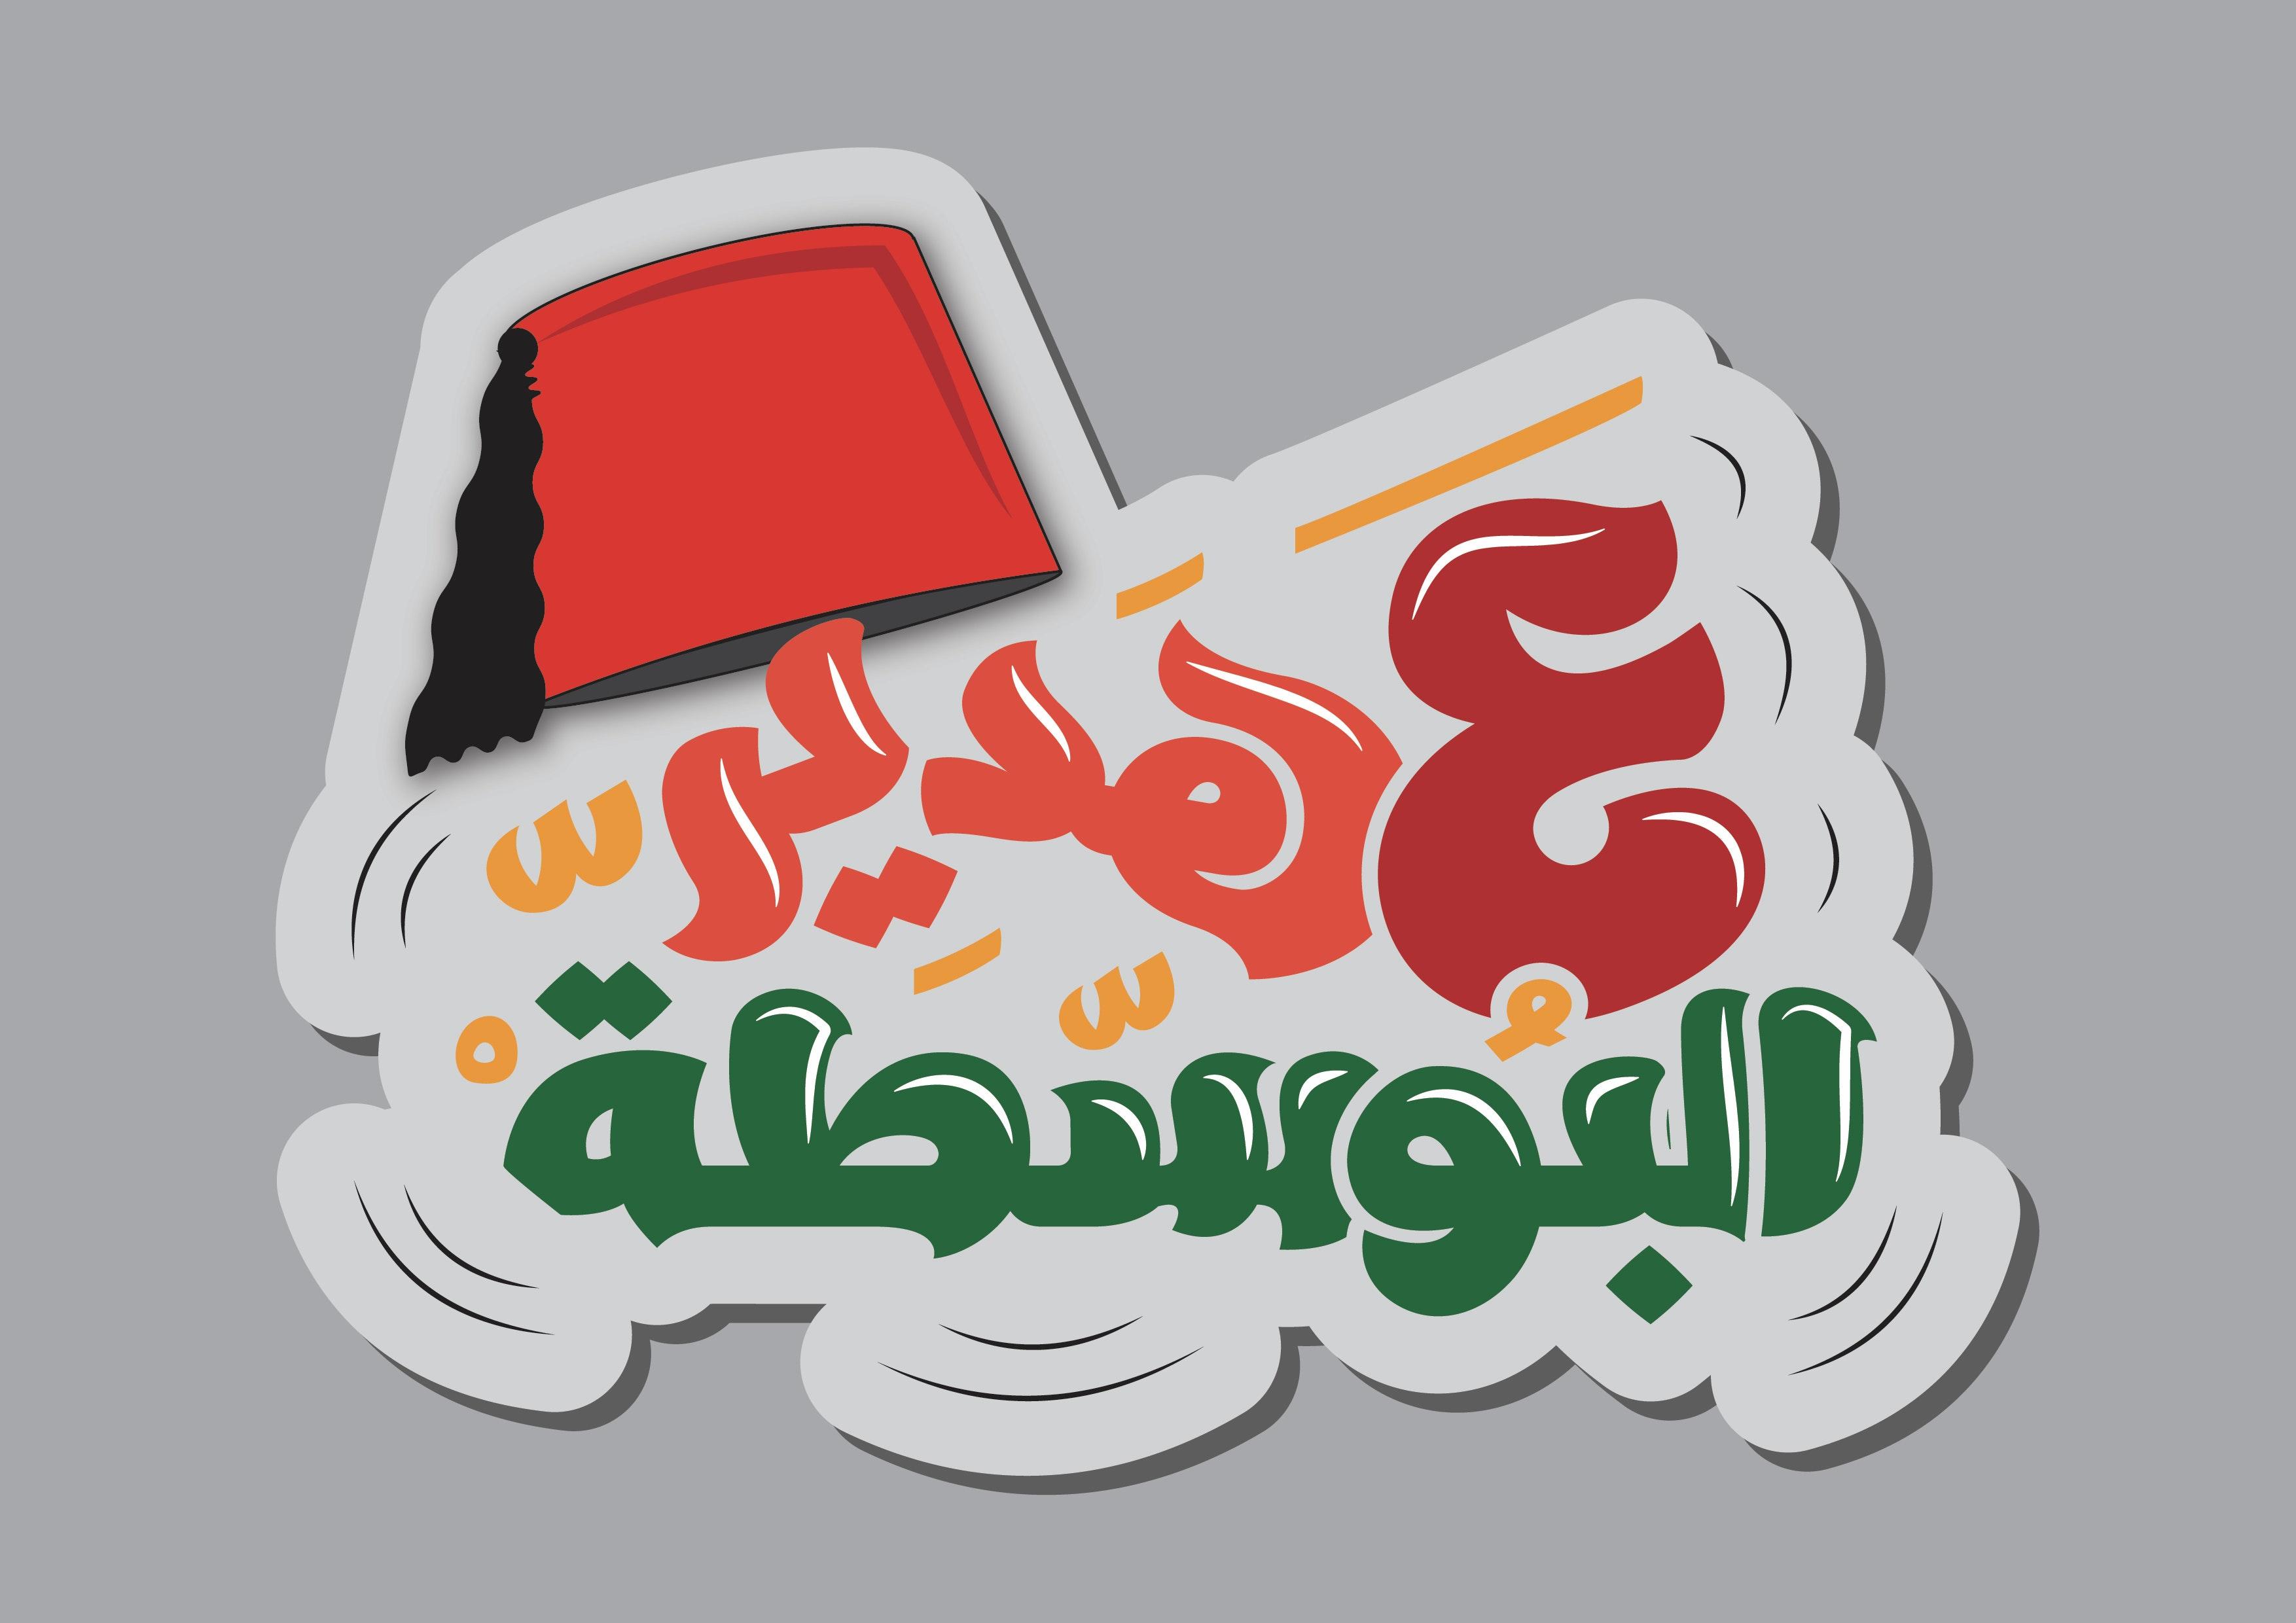 ع هدير البوسطة